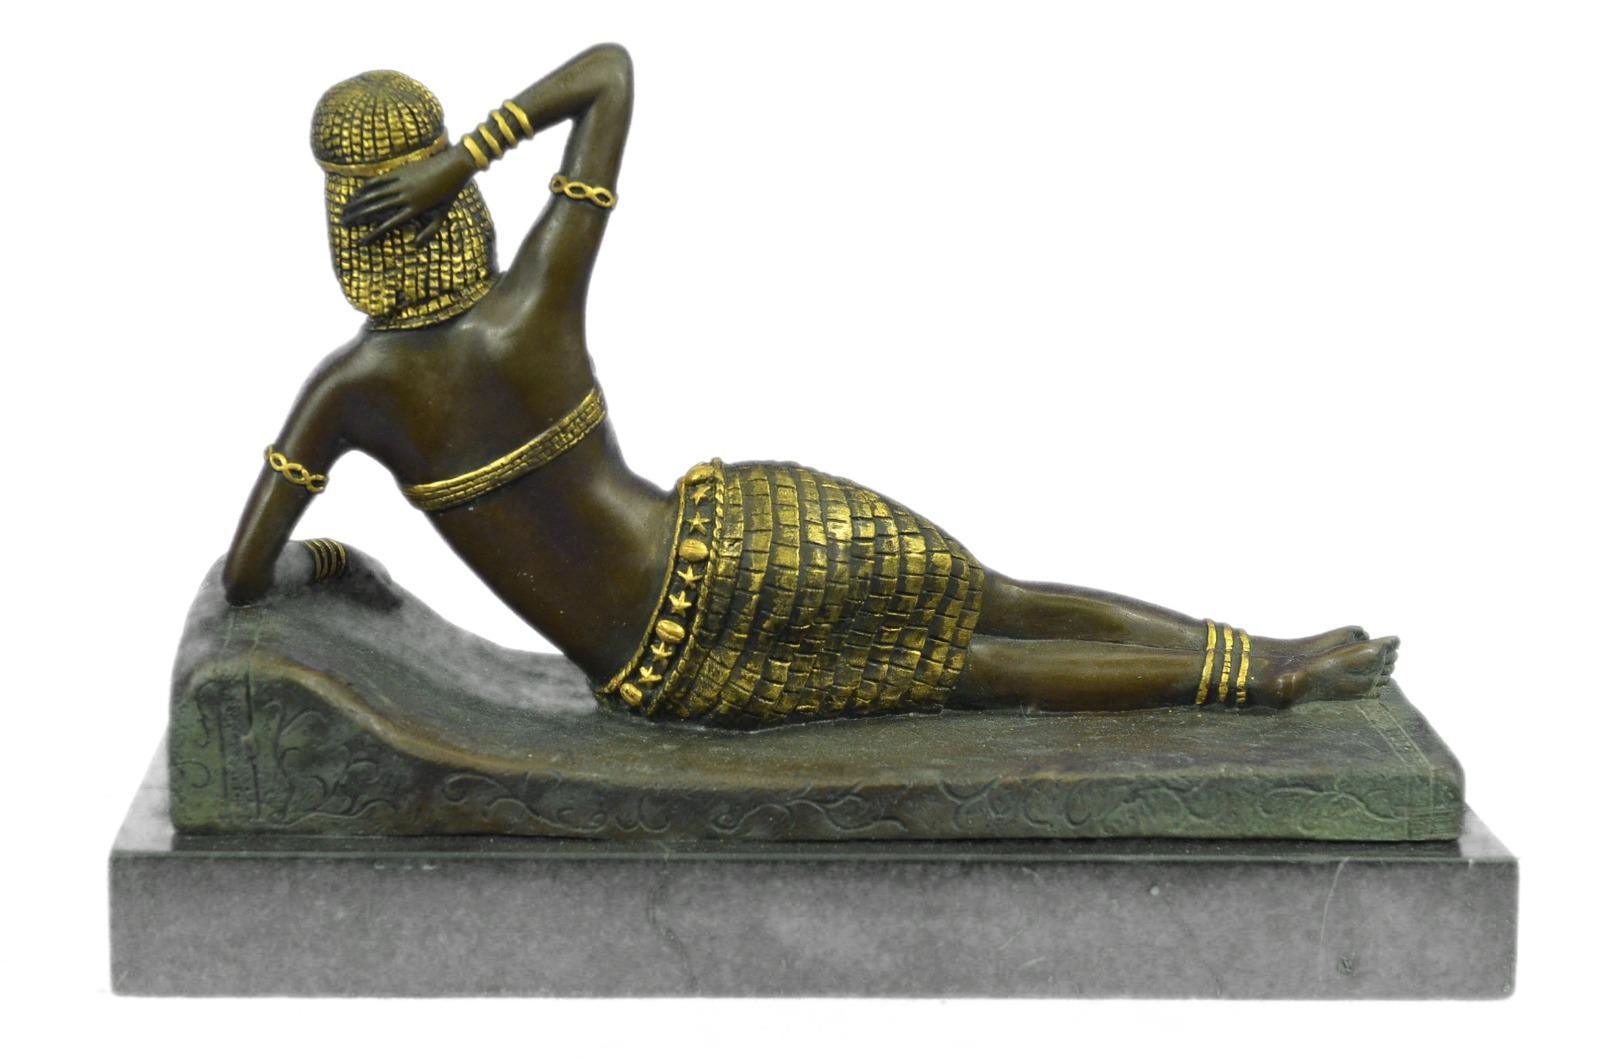 雕塑品和雕刻